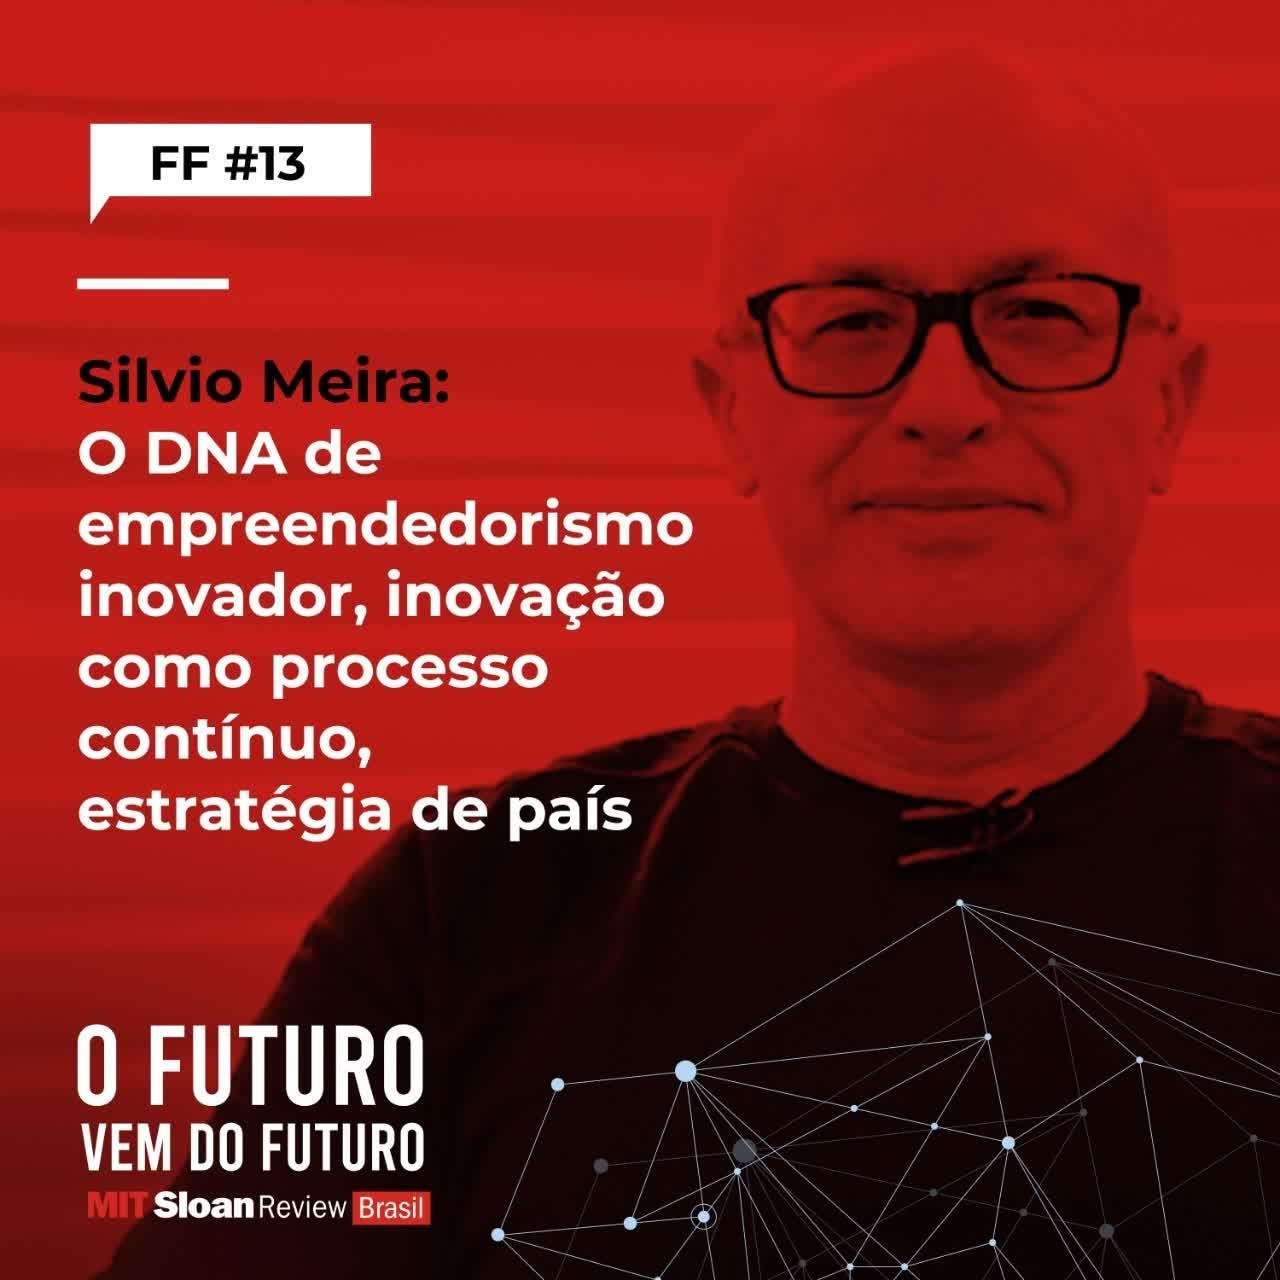 #13 - Silvio Meira: O DNA de empreendedorismo inovador, inovação como processo contínuo, estratégia de país